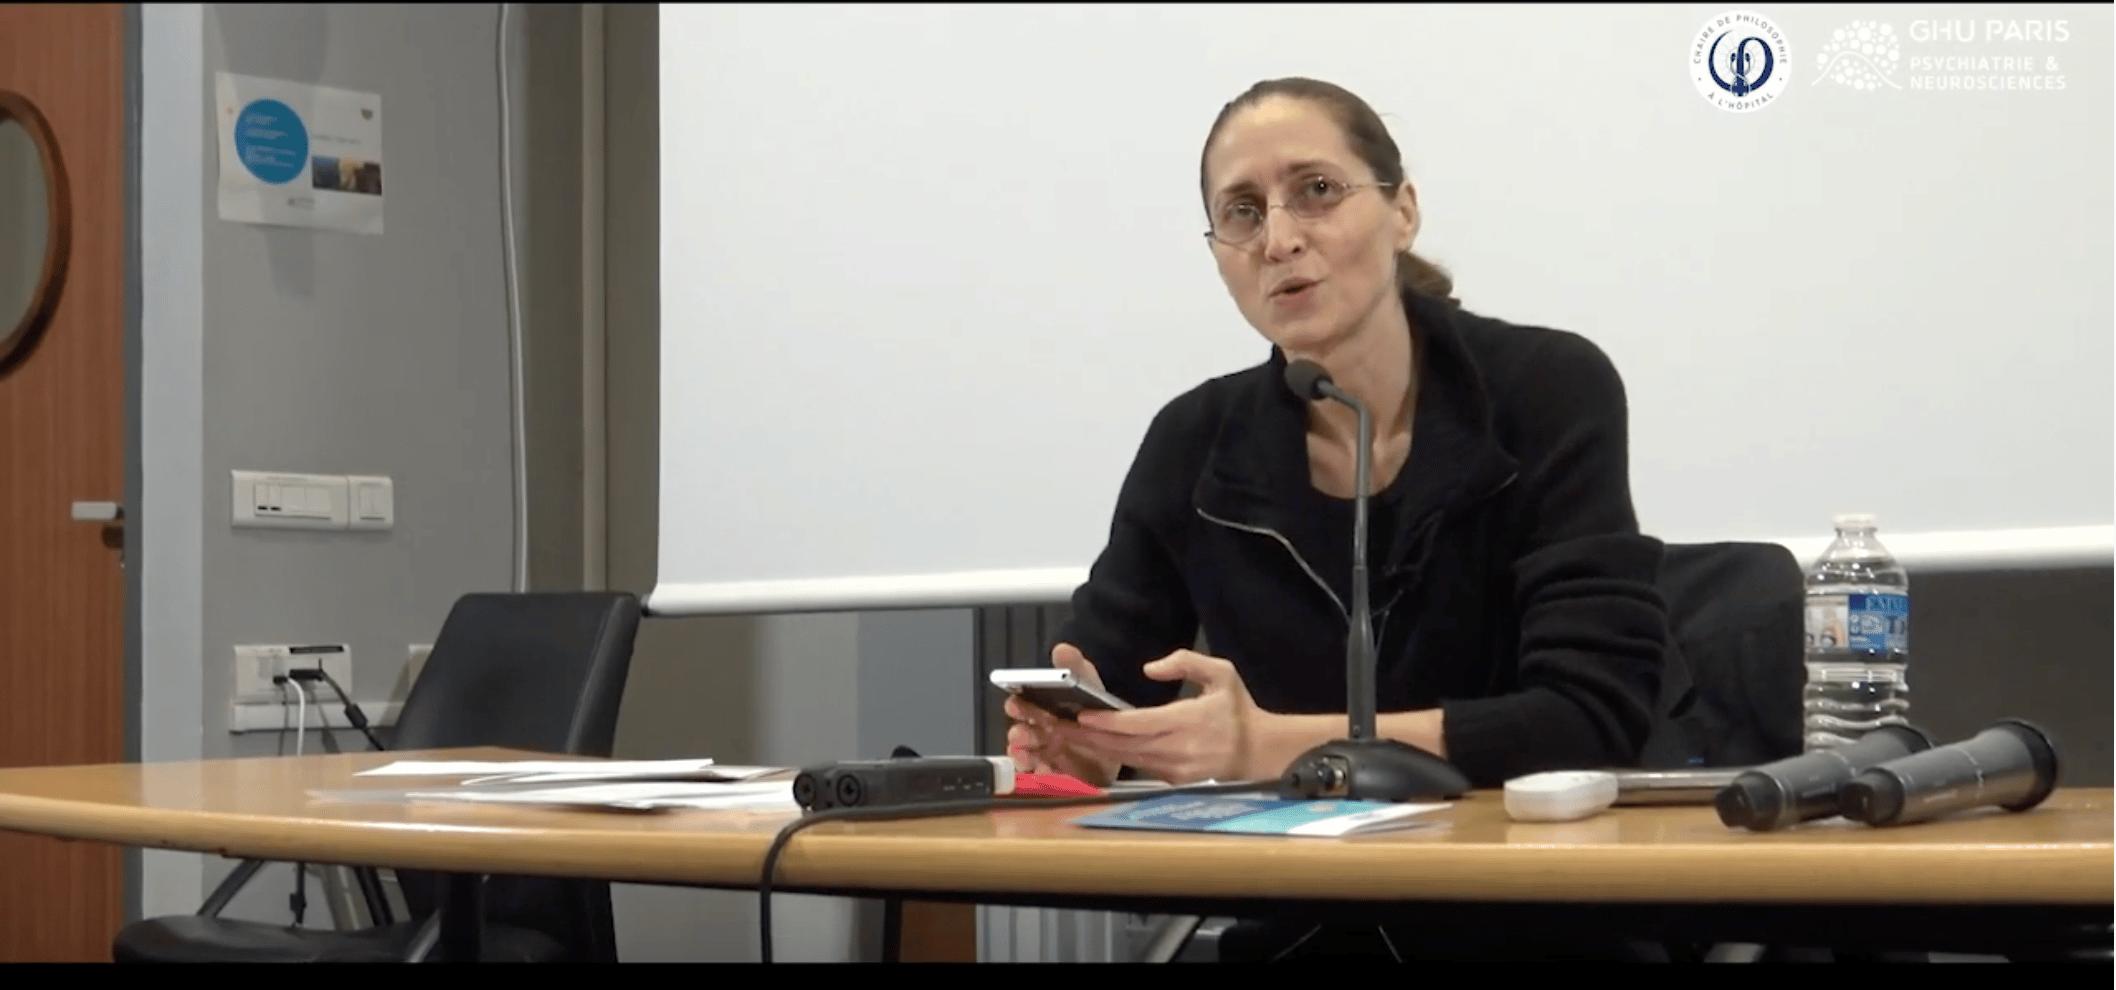 Présentation par Cynthia Fleury de la Chaire de Philosophie du GHU-Paris